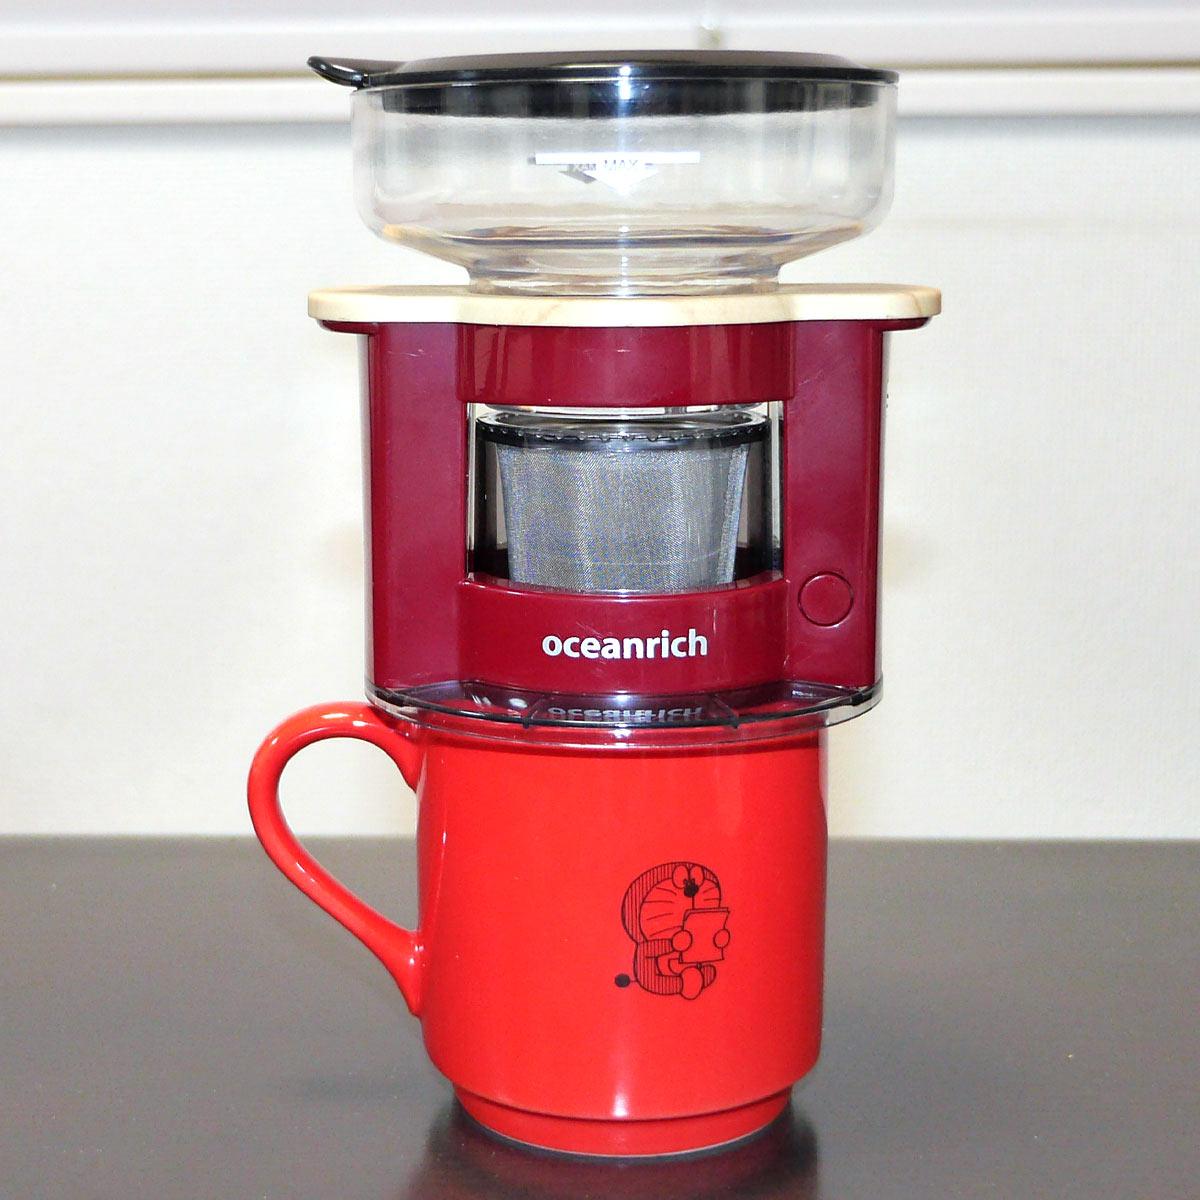 カップ1杯専用! 世界最小レベルのコーヒーメーカーが画期的